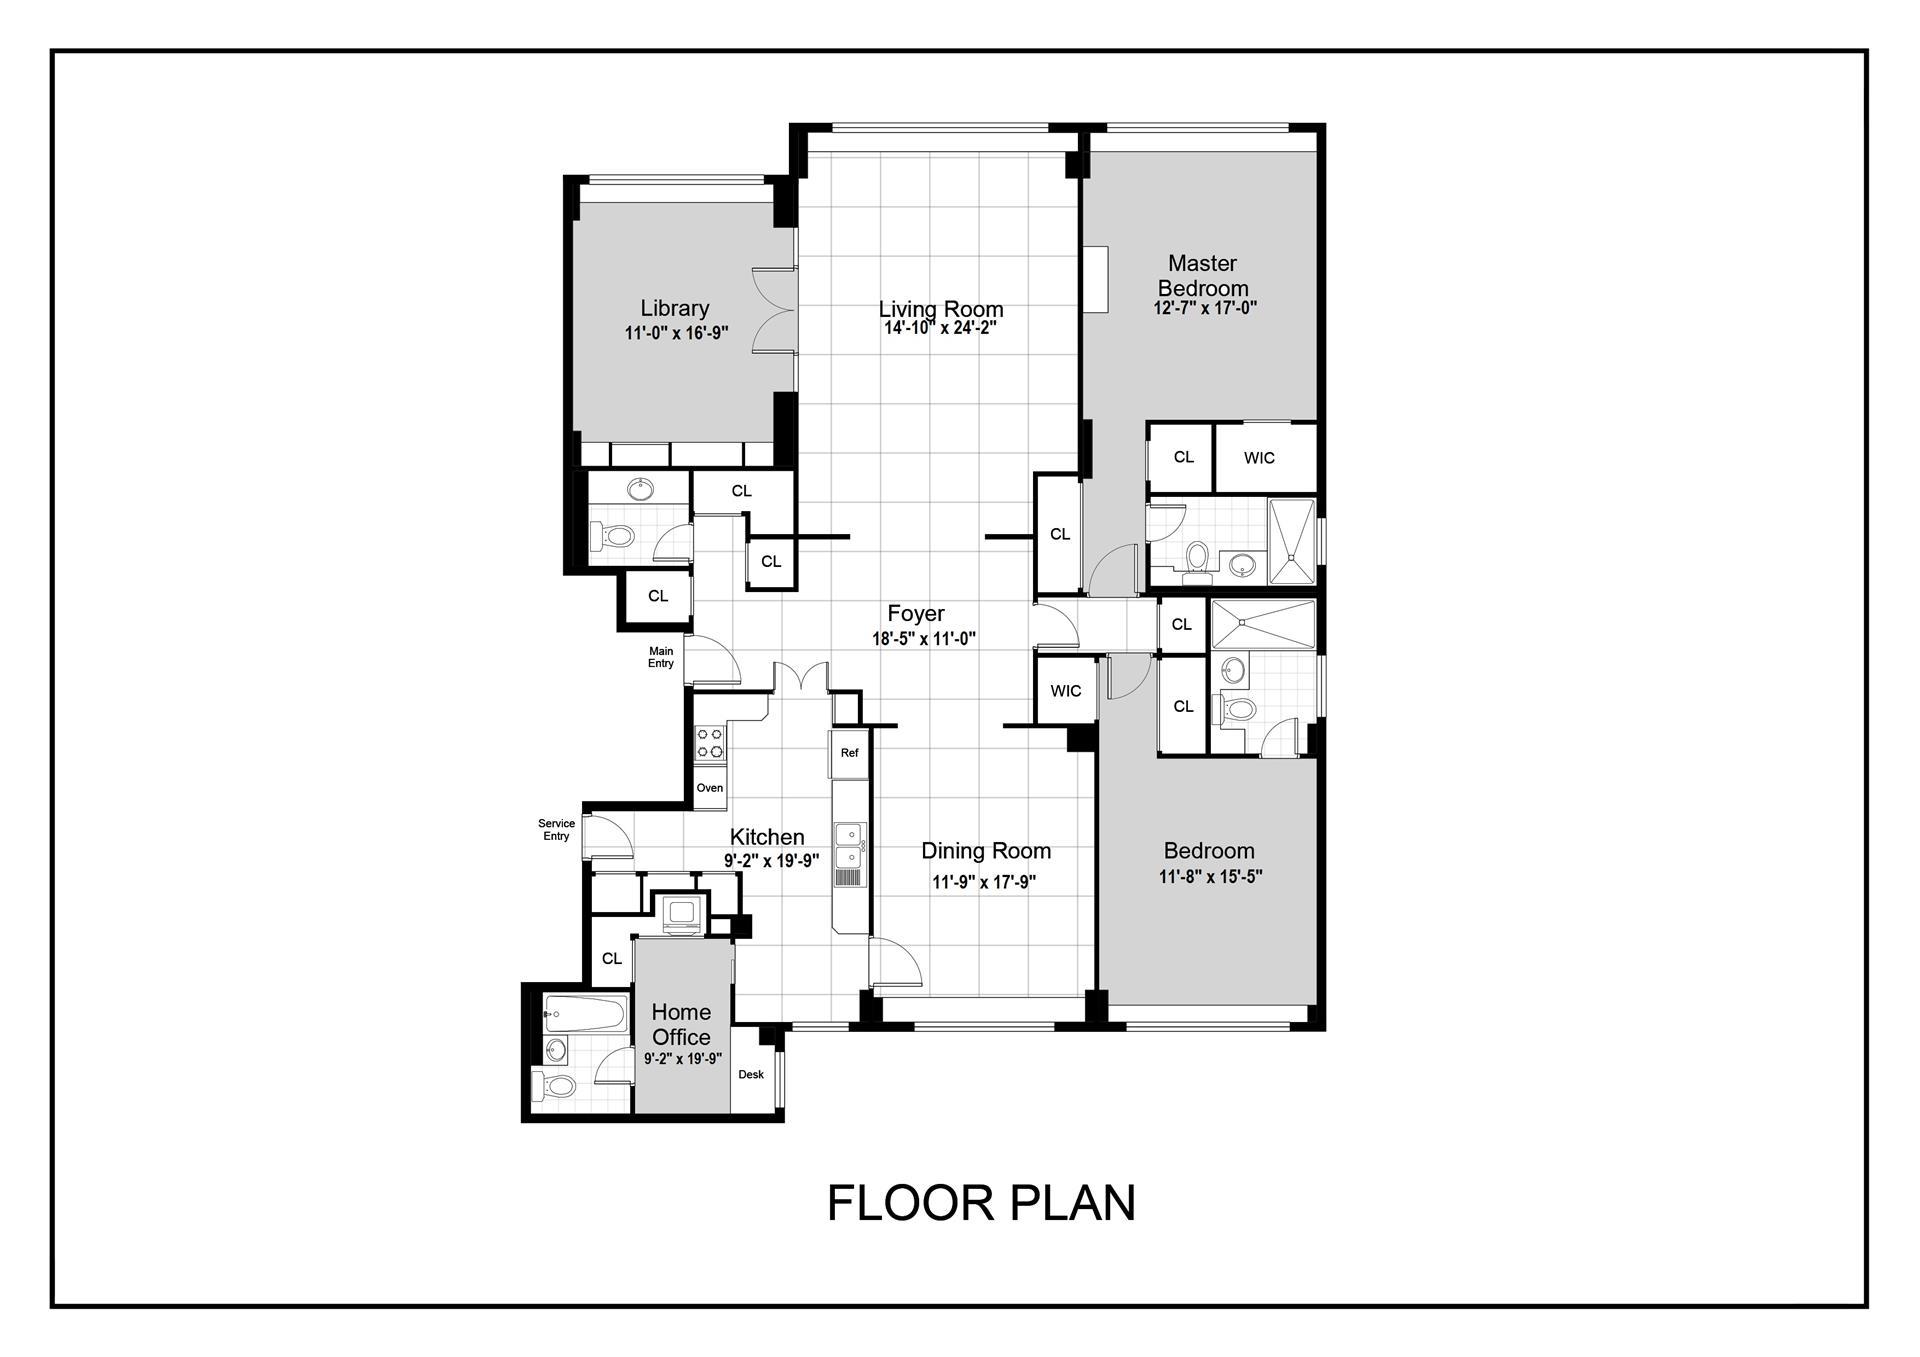 Floor plan of 175 East 62nd St, 9D - Upper East Side, New York